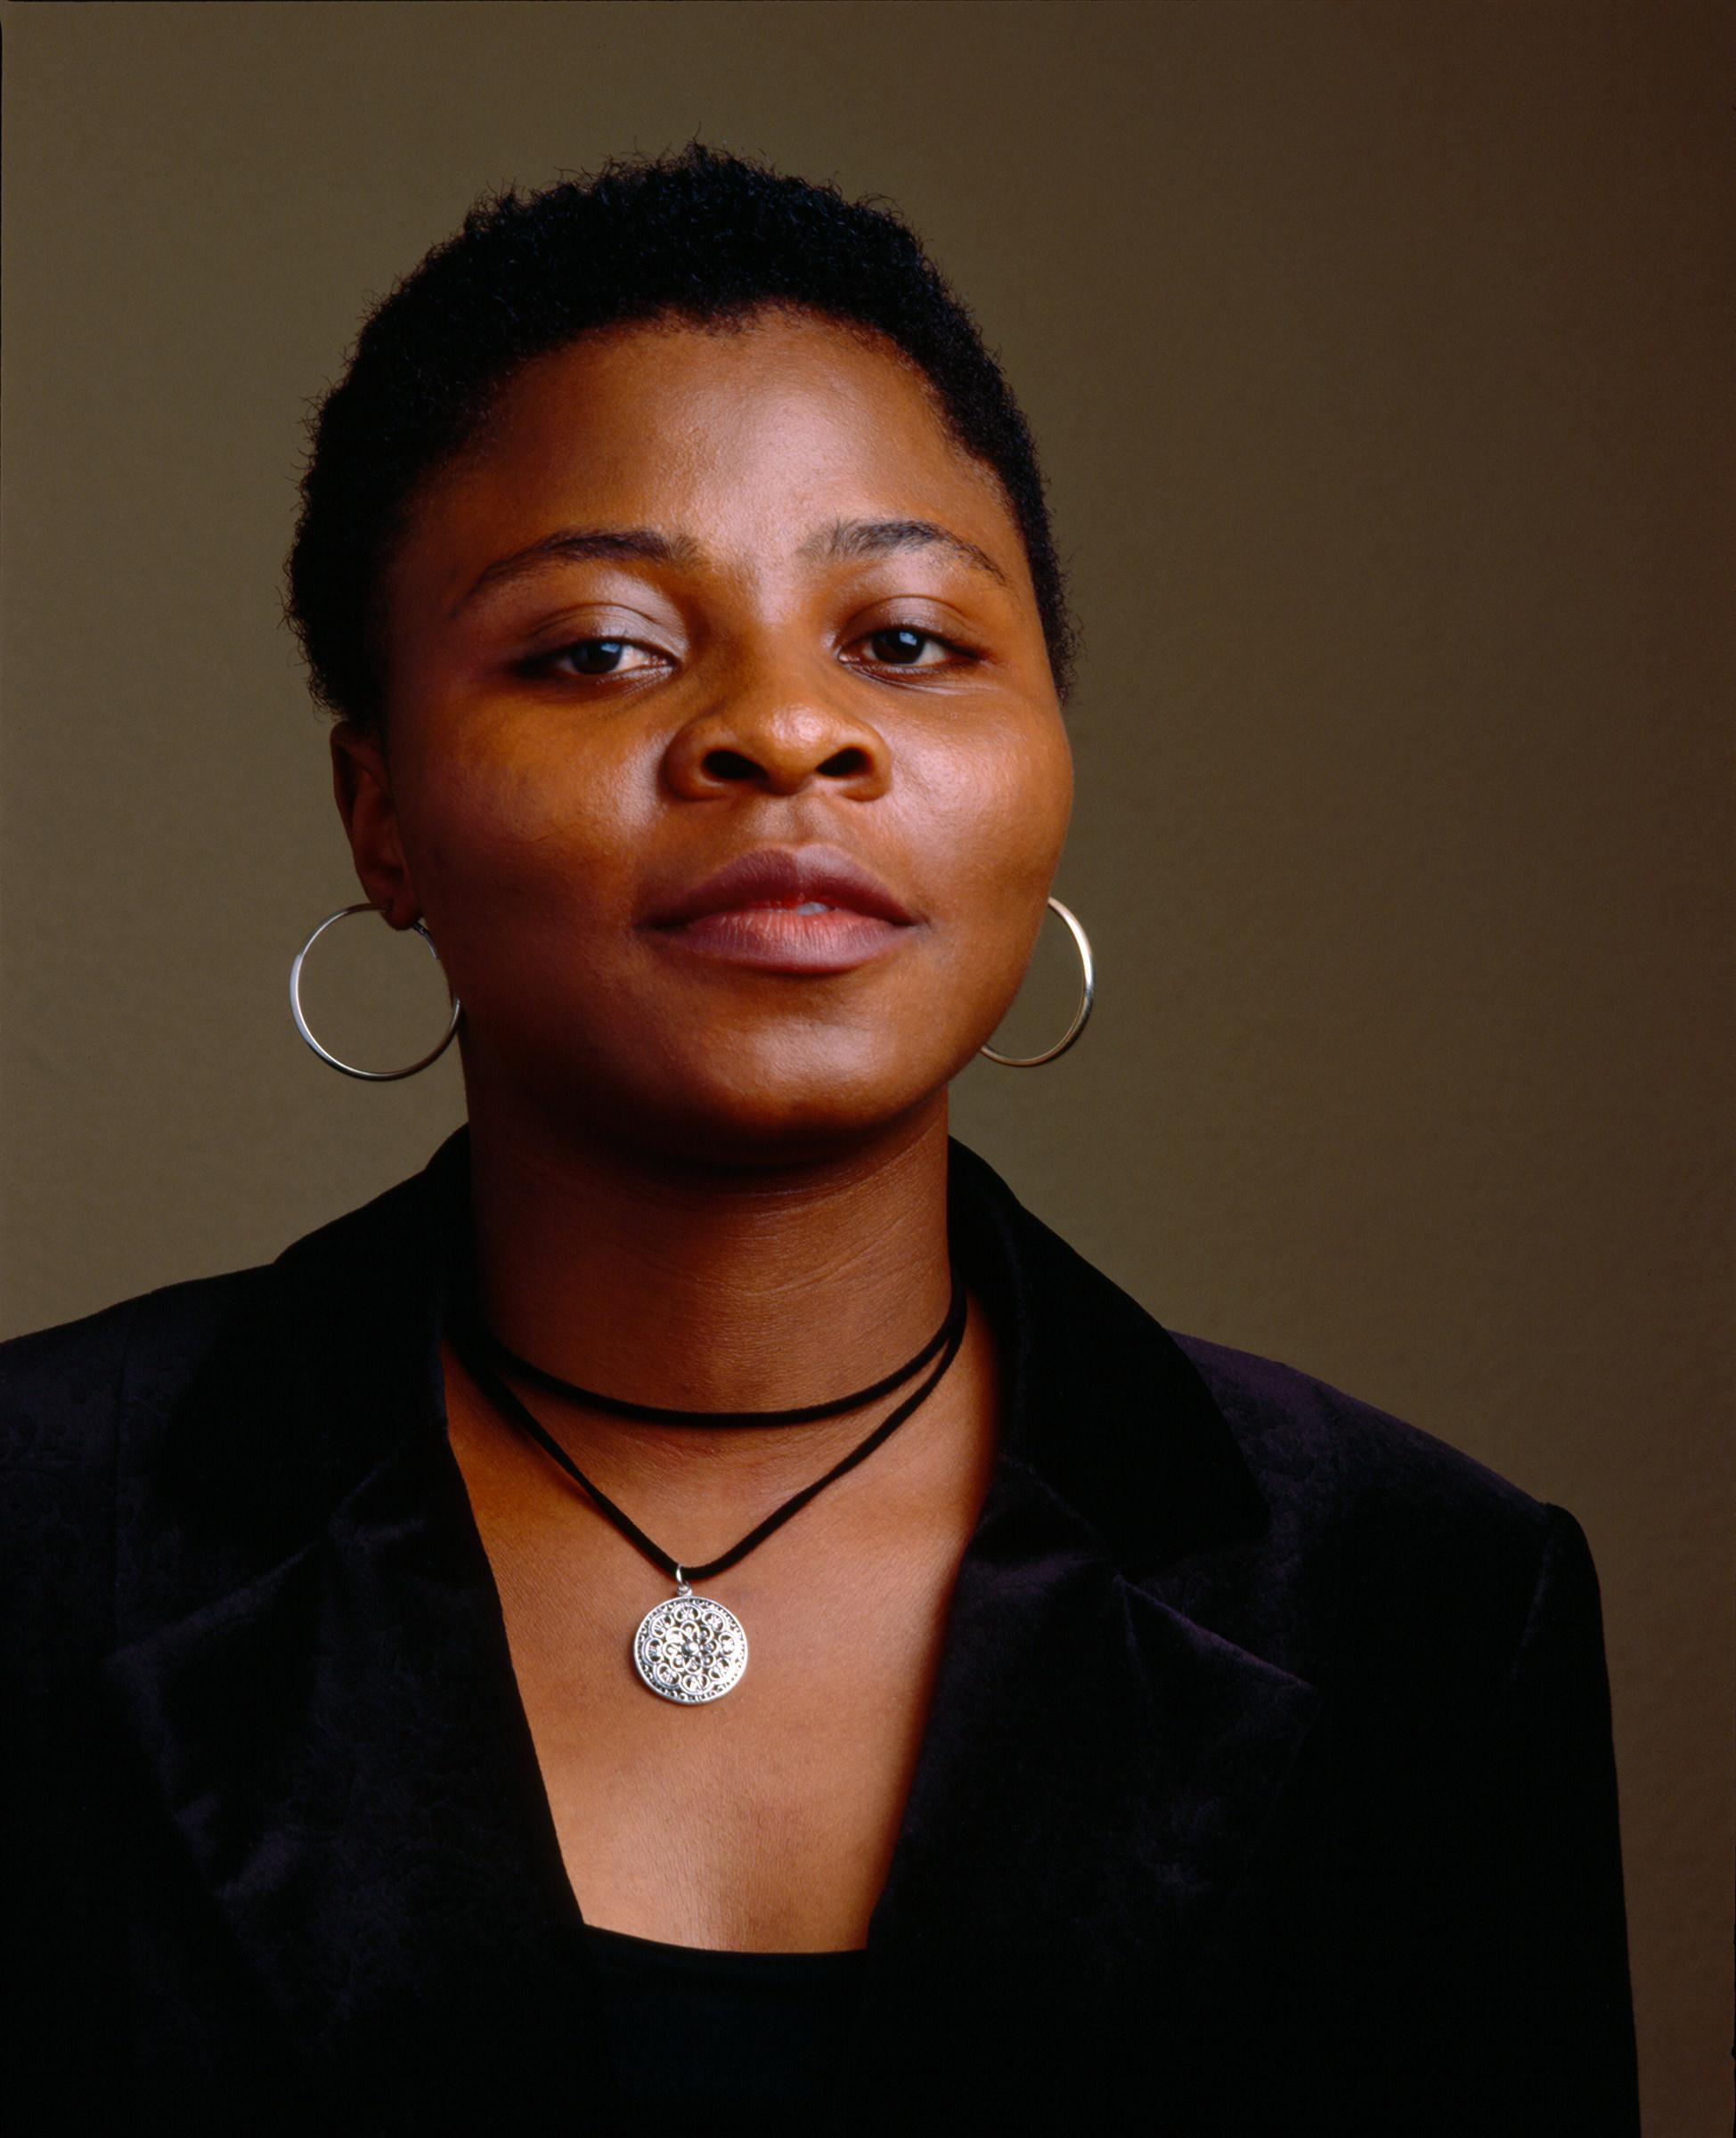 Rosemarie - Nigeria